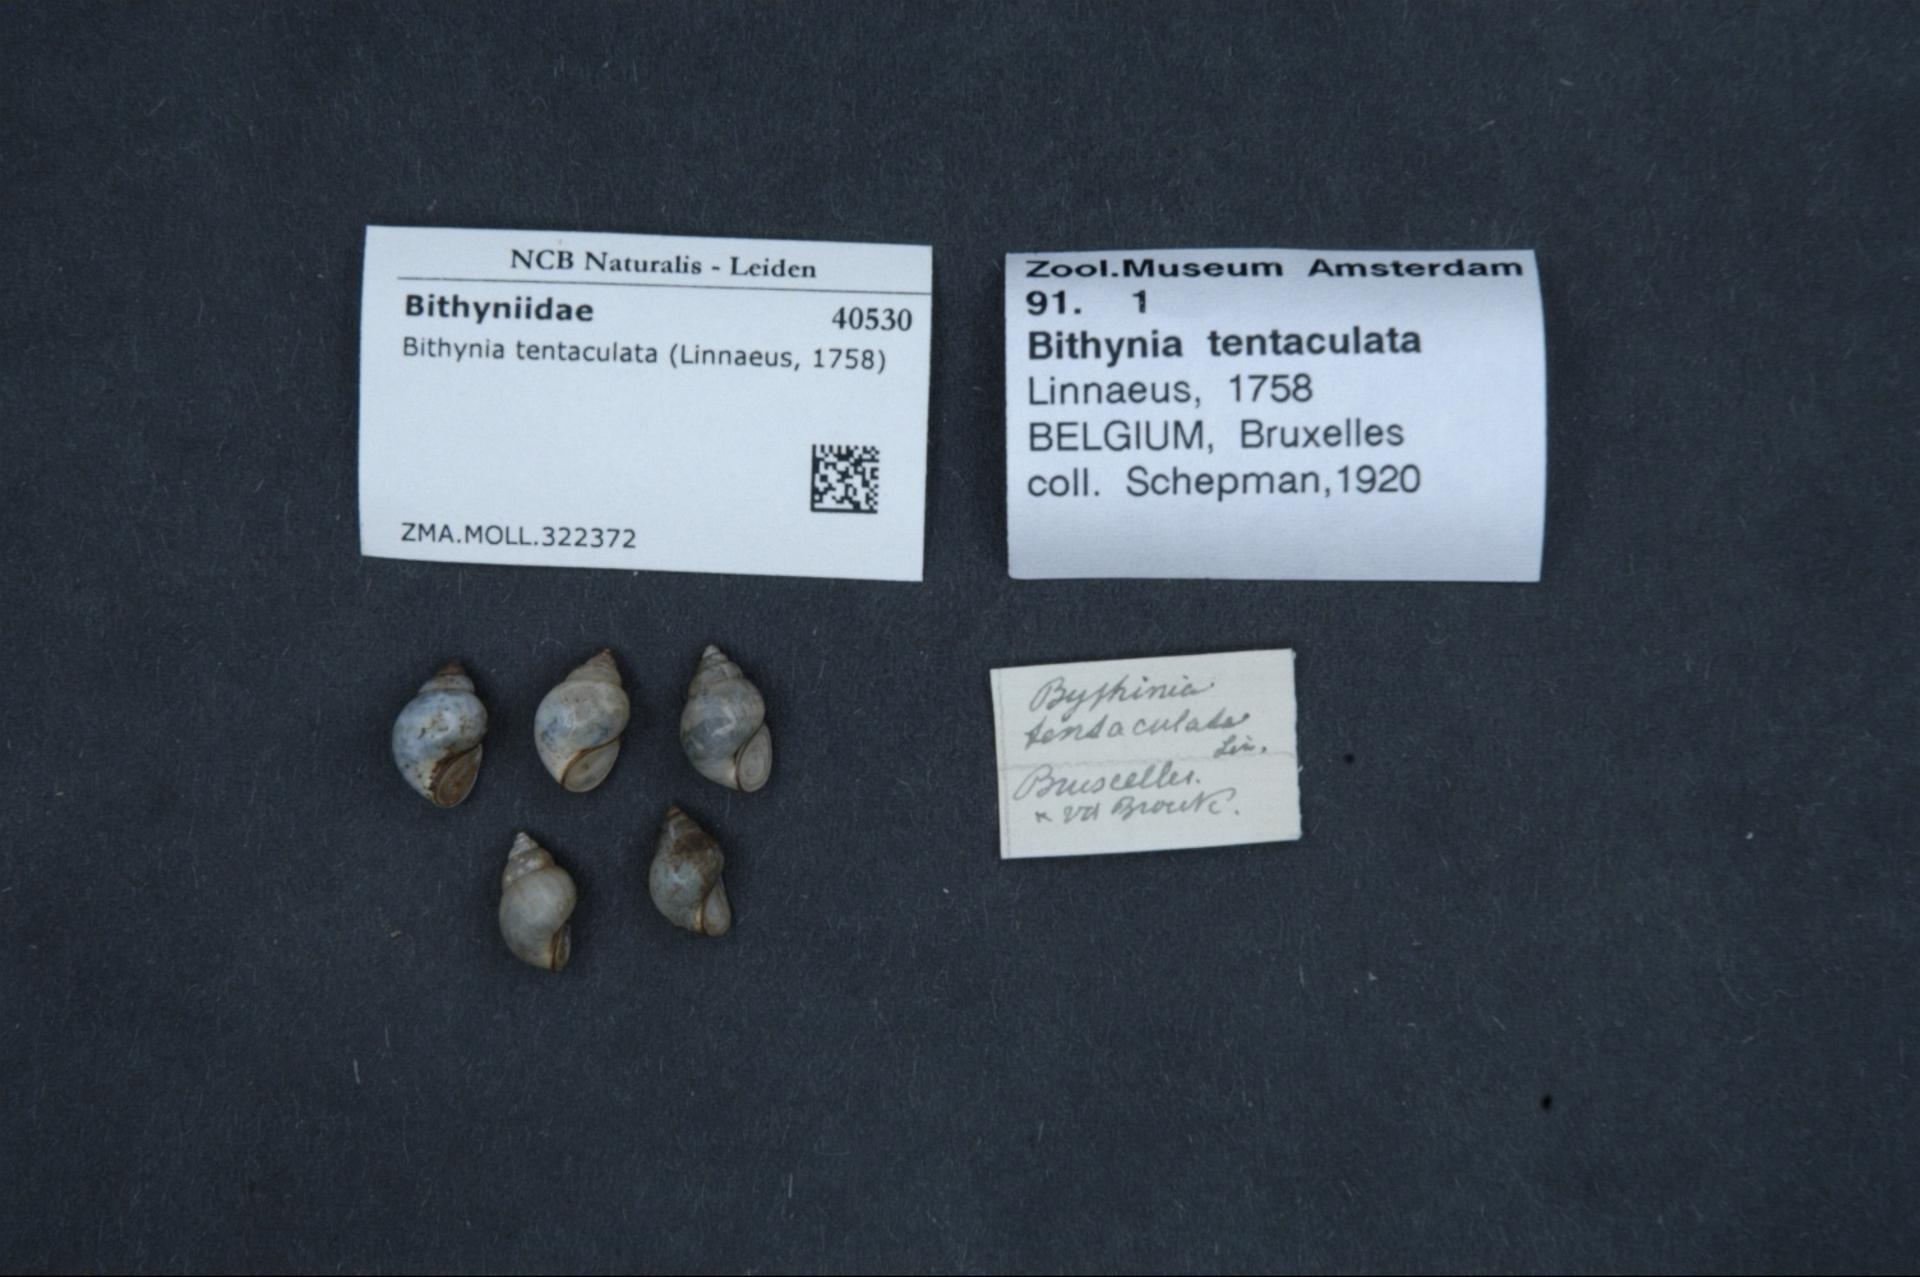 ZMA.MOLL.322372 | Bithynia tentaculata (Linnaeus, 1758)